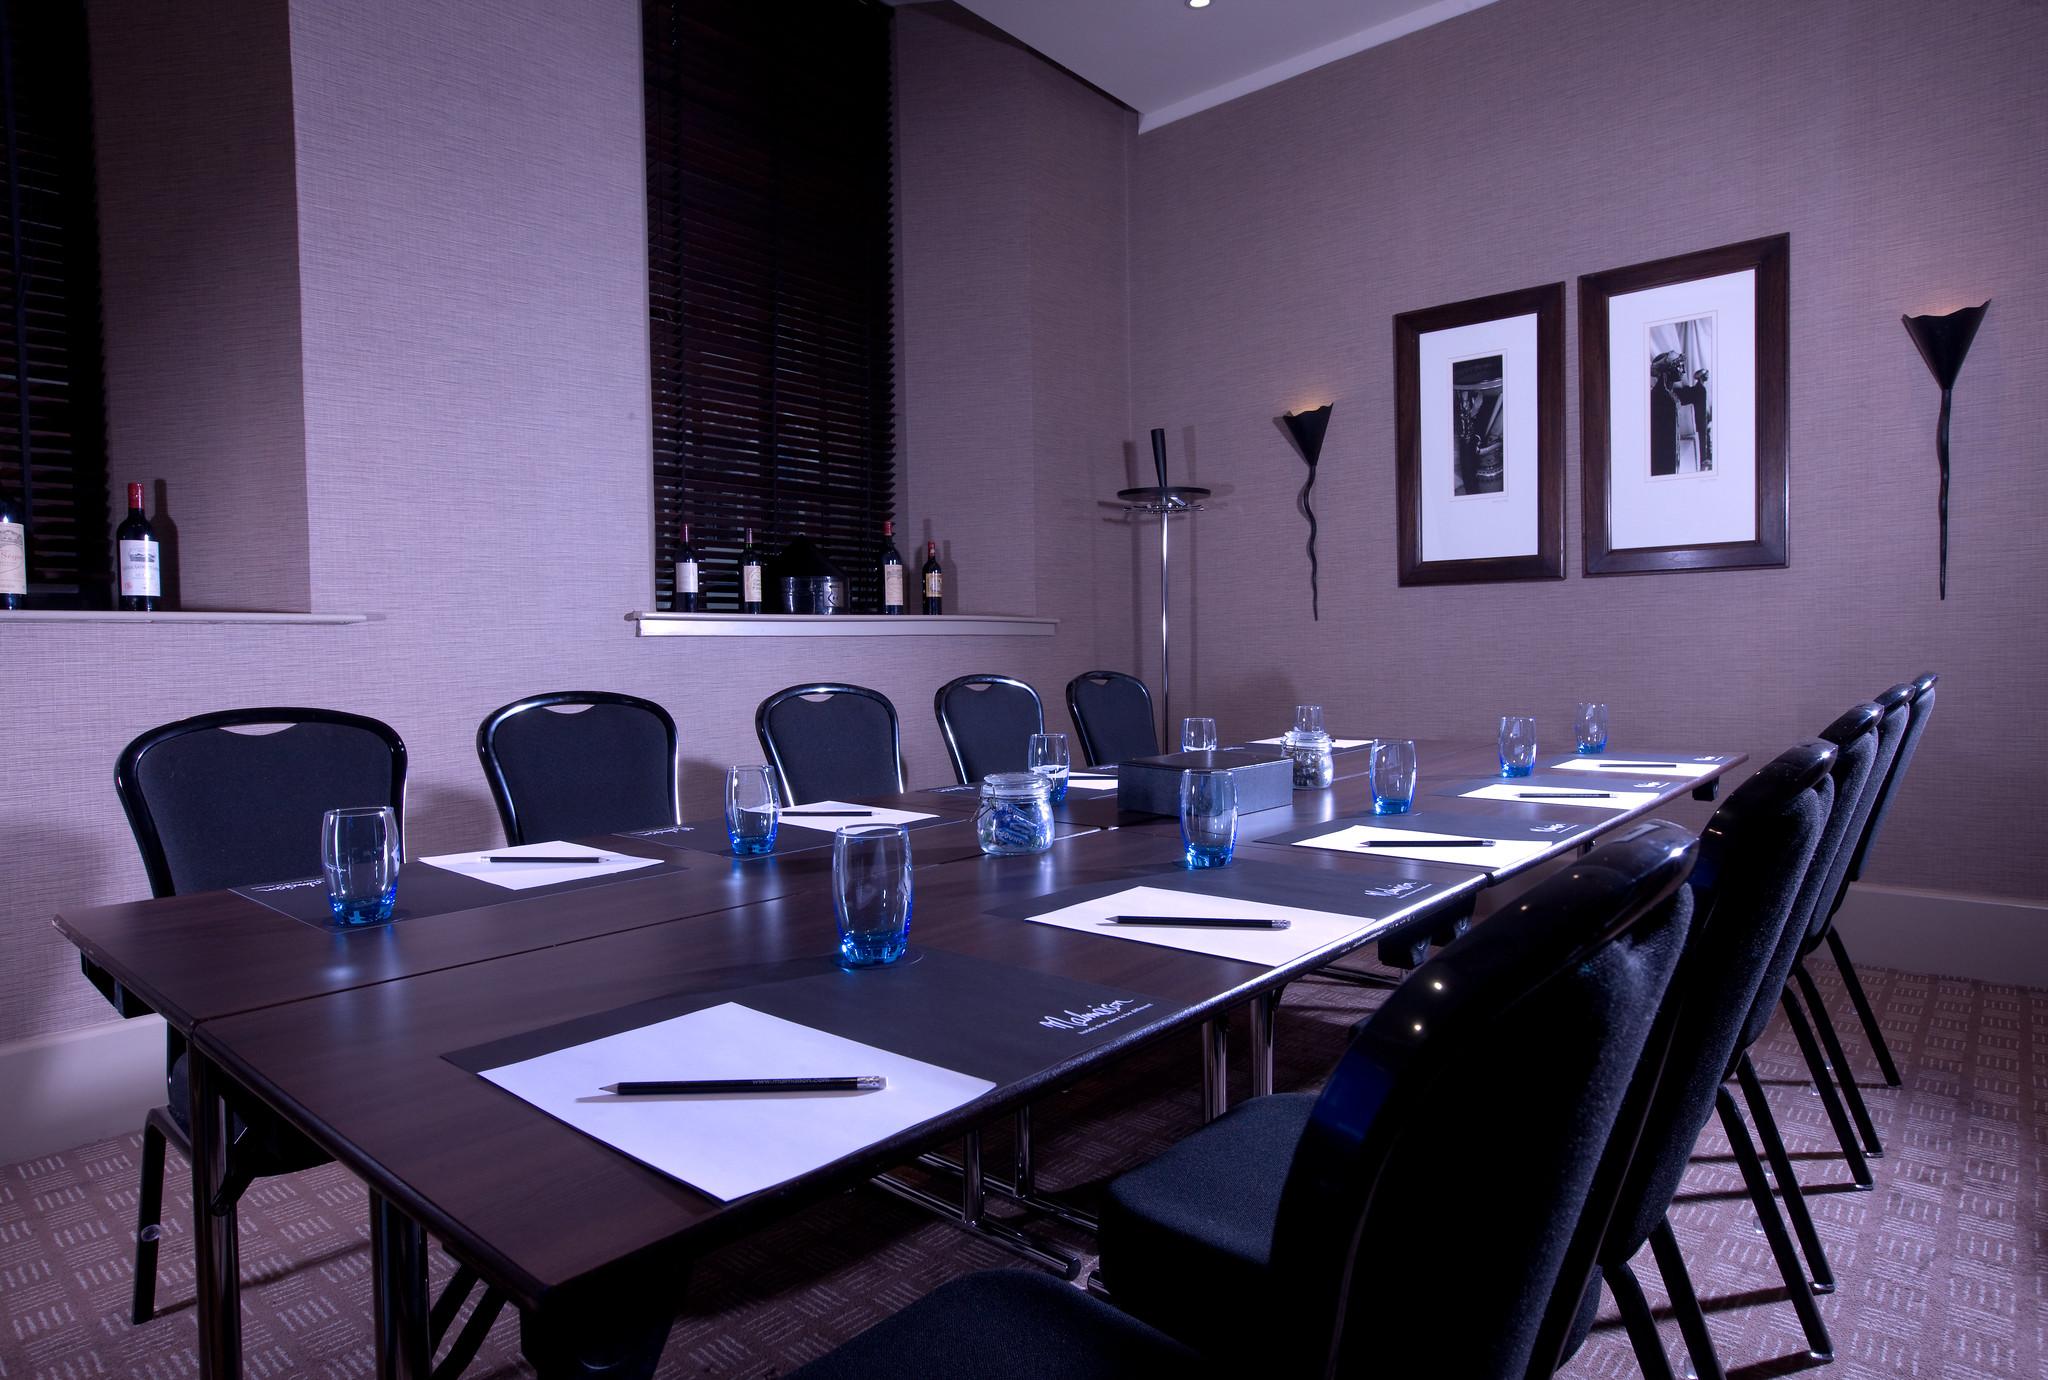 Meeting Room Leeds Bradford Airport